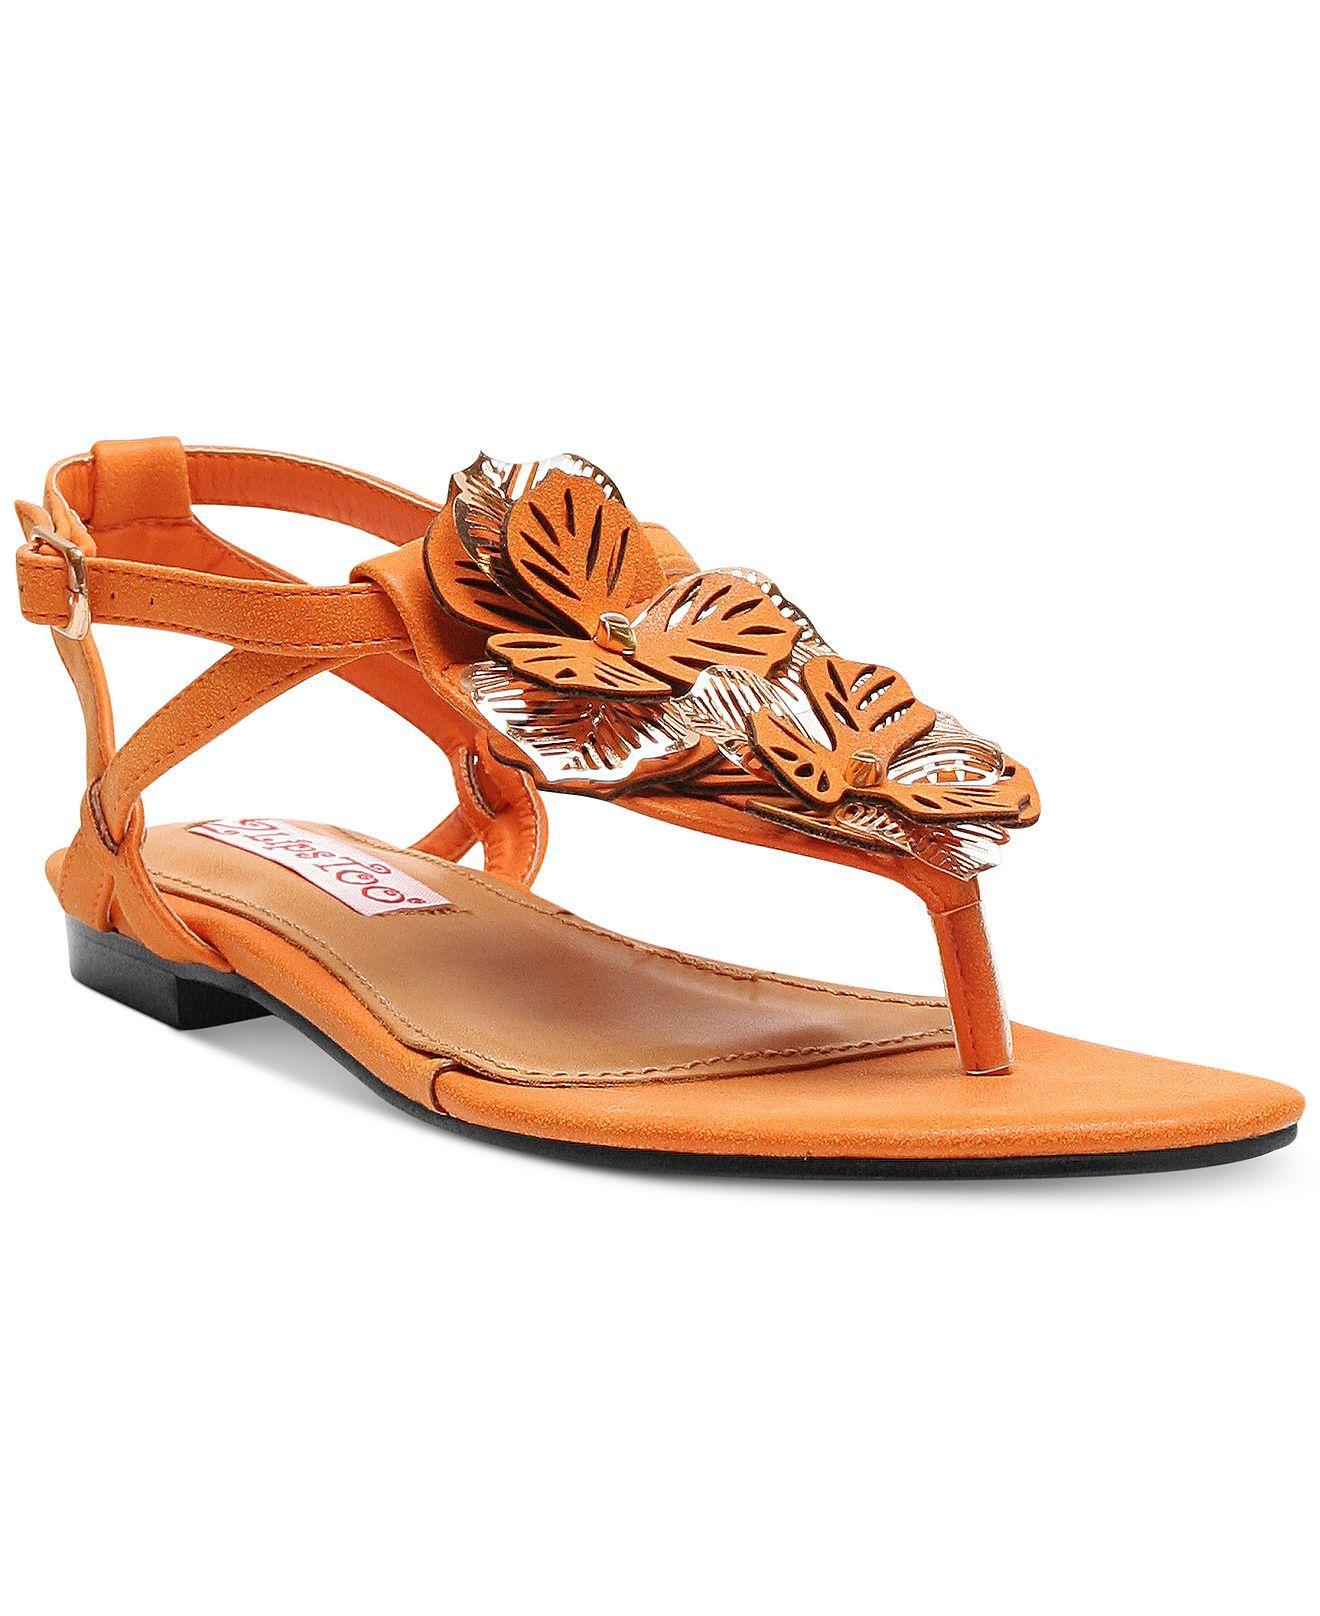 7f2fd50014e Two Lips Too Neroli Flat Thong Sandals - Sandals - Shoes - Macy s ...